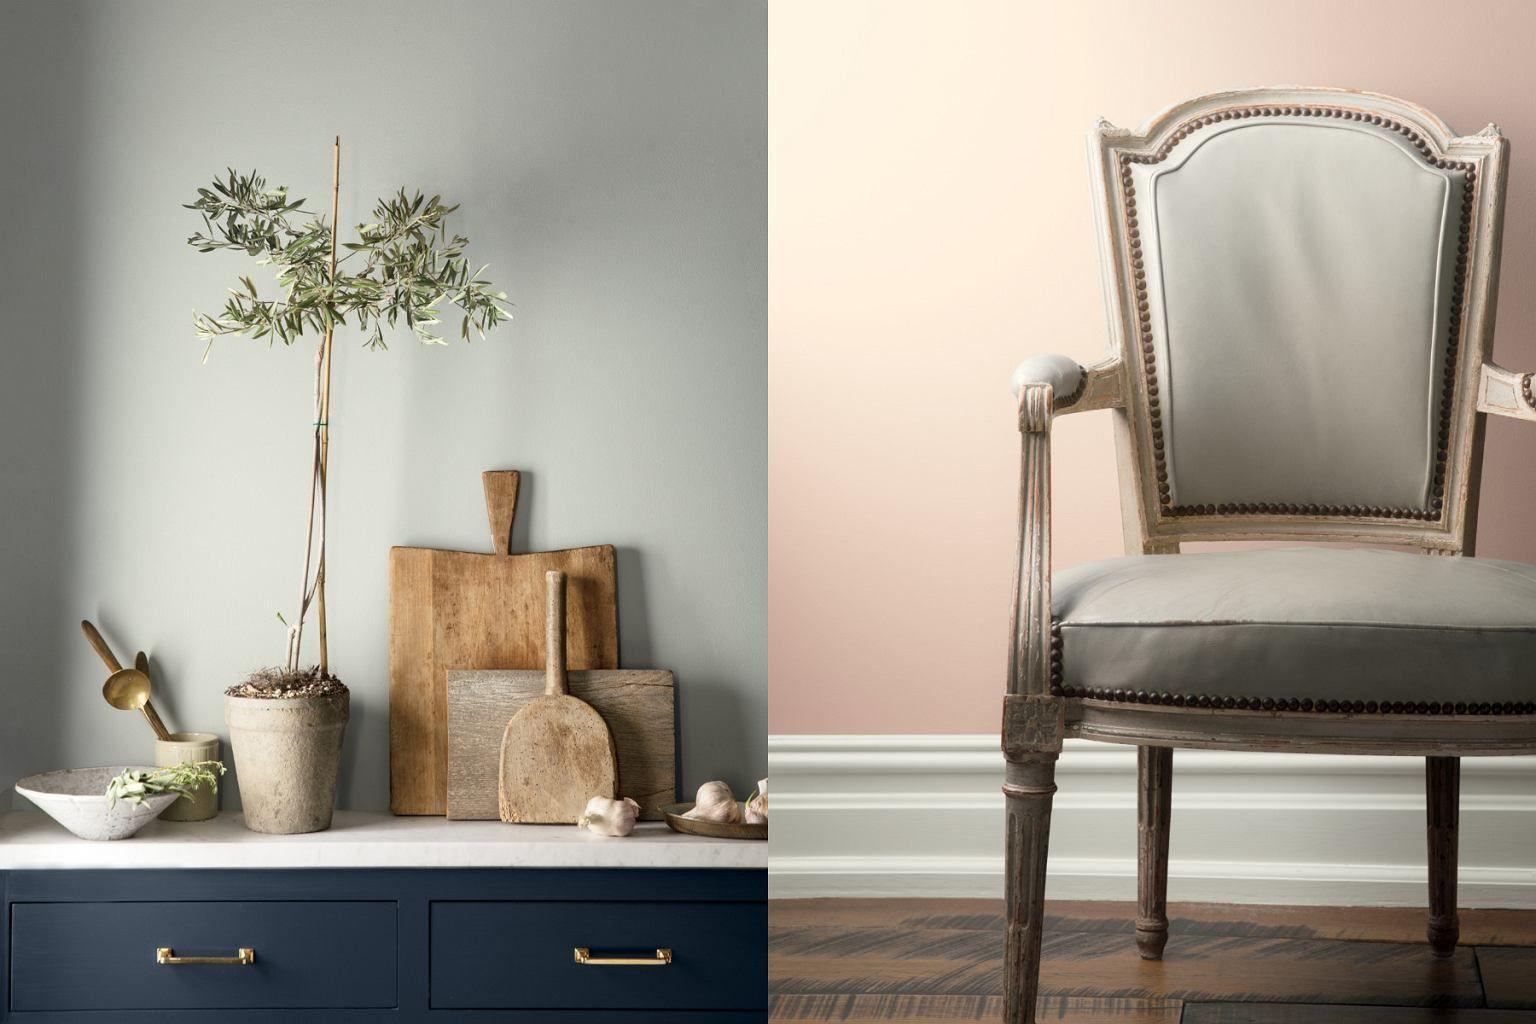 Cztery Katy Aranzacje Wnetrz Wystroj Wnetrz Dekoracje Metamorfozy Mieszkan Inspiracje Ladnydom Pl Home Decor Decor Furniture